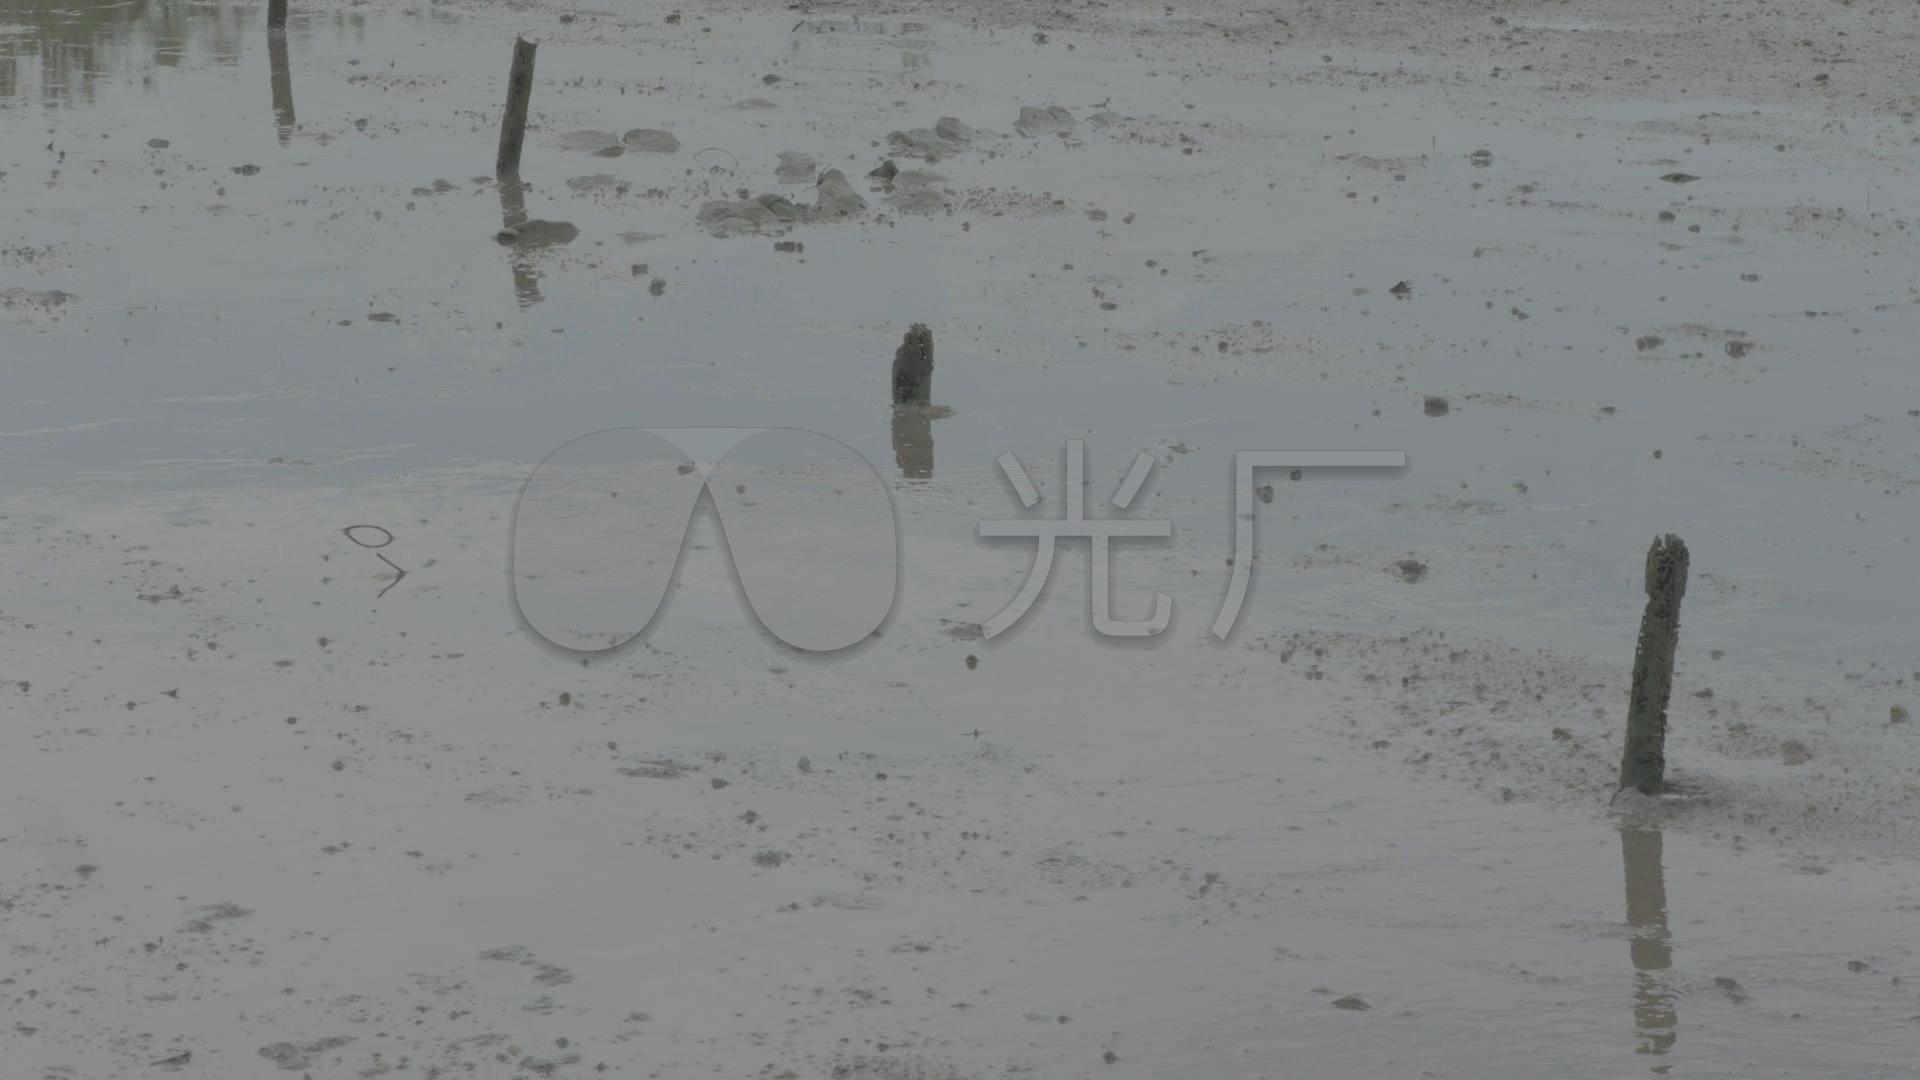 水塘养鱼池水塘乡下水草夏季松鼠_1920X108视频下载水塘图片